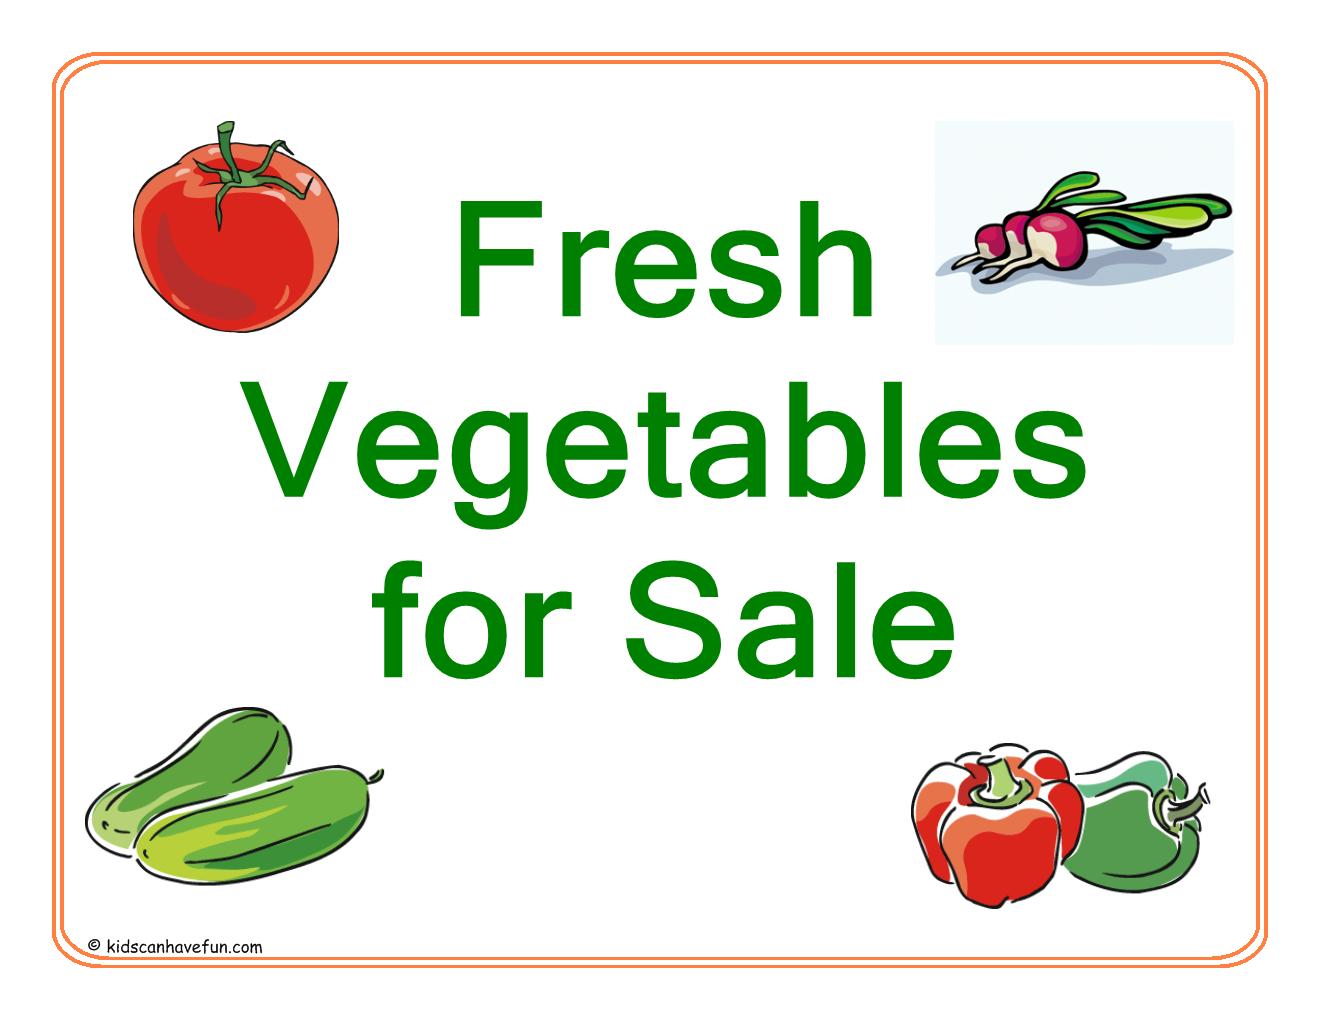 Vegetables For Sale Sign